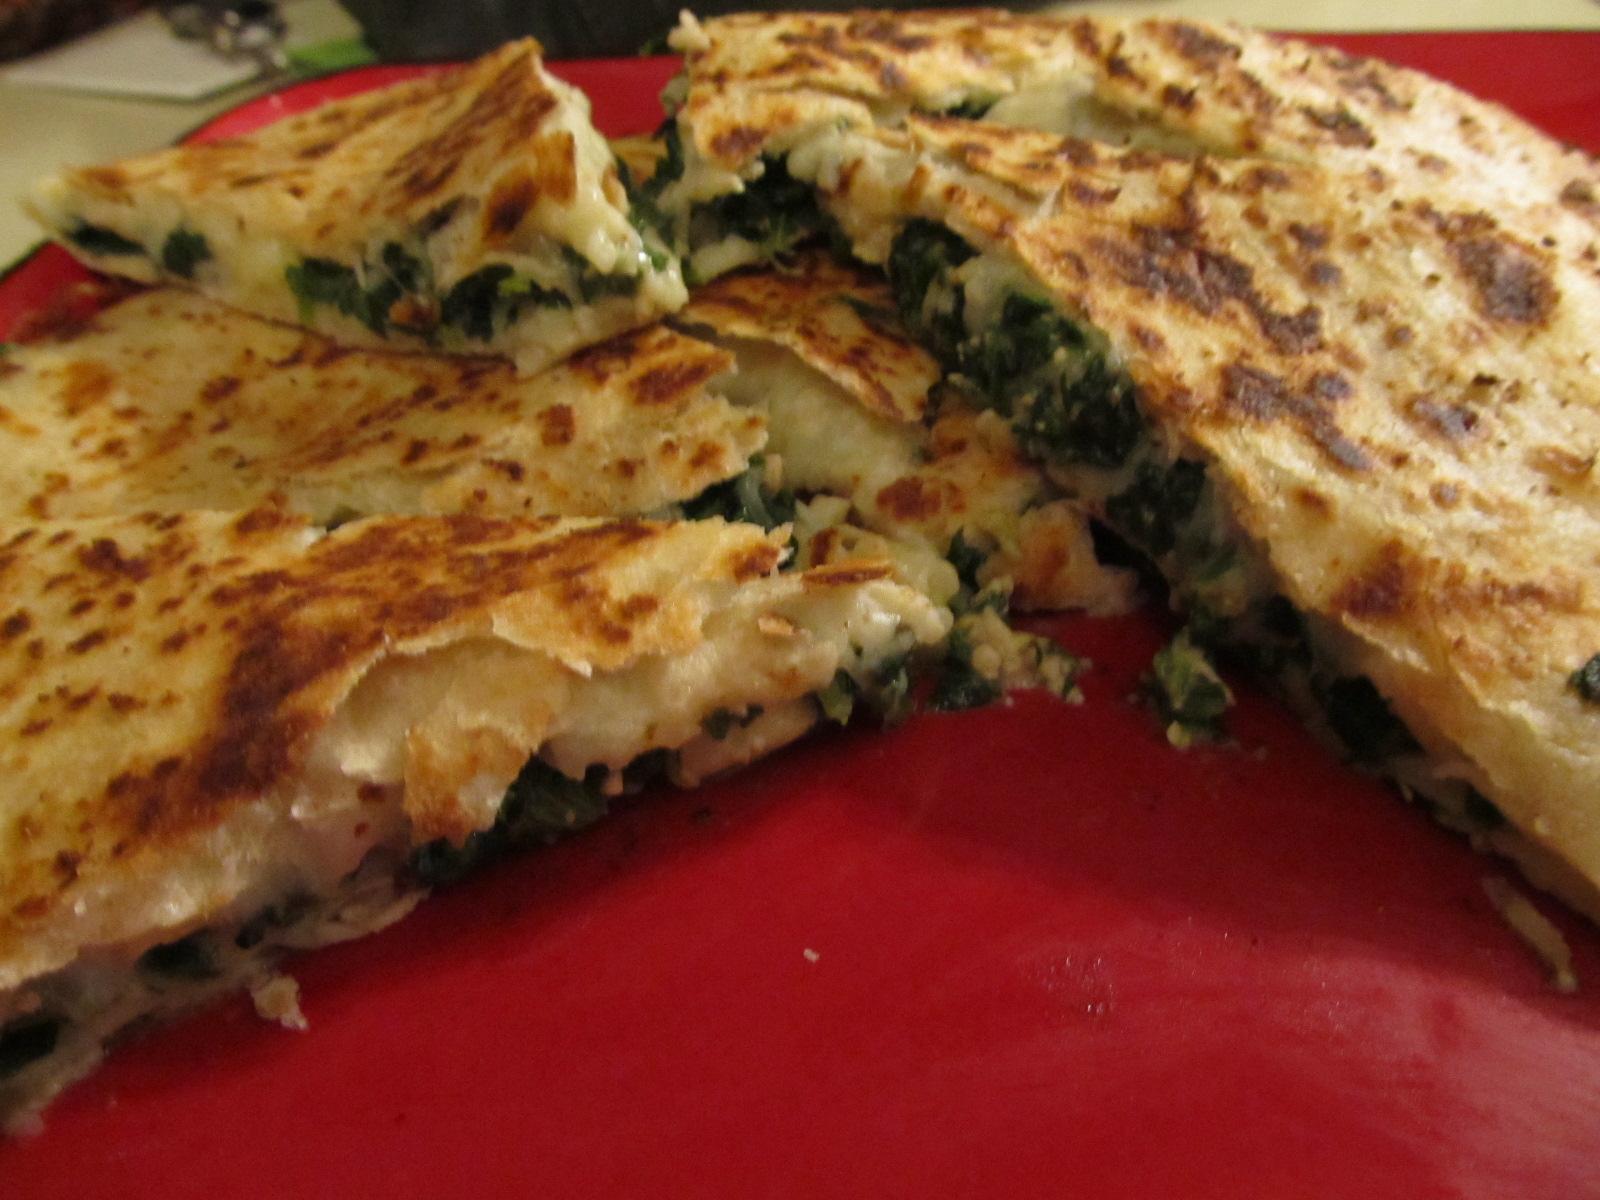 feta quiche spinach and feta quesadillas spinach and feta quesadillas ...